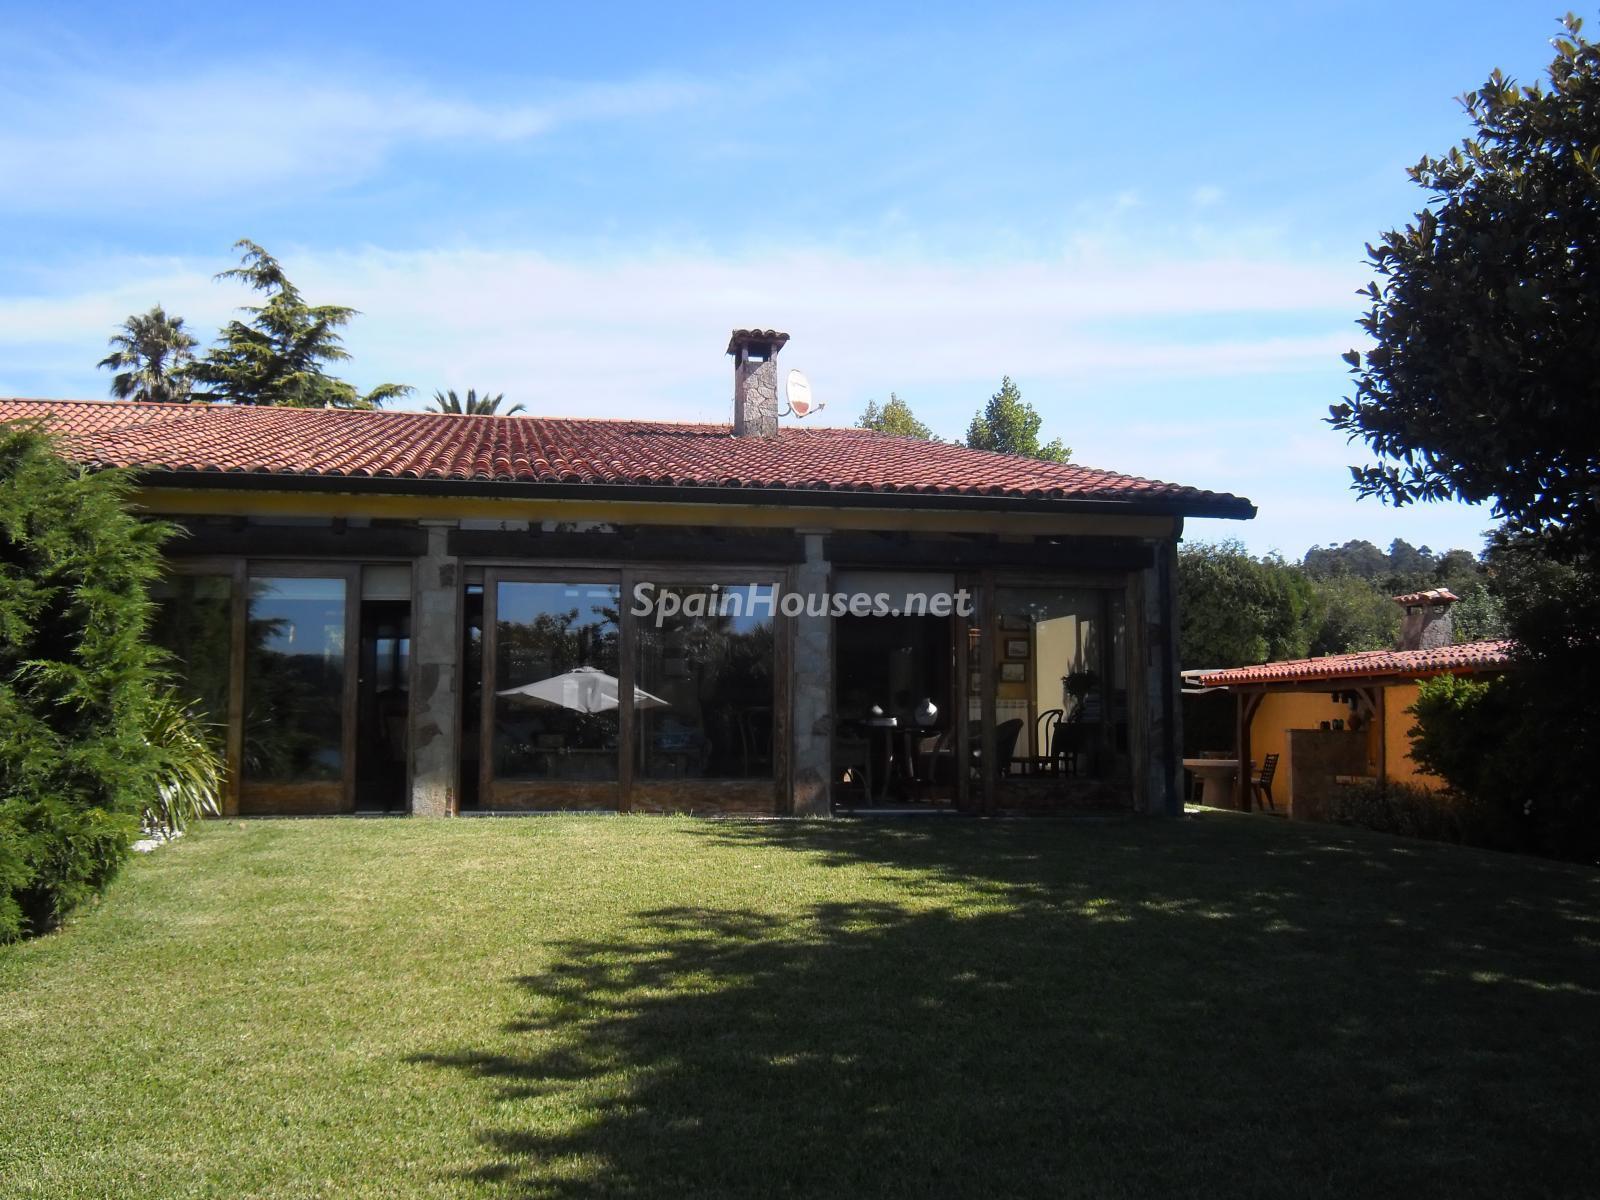 Foto 21 - Chalet independiente en venta en Oleiros, Ref: 1825929